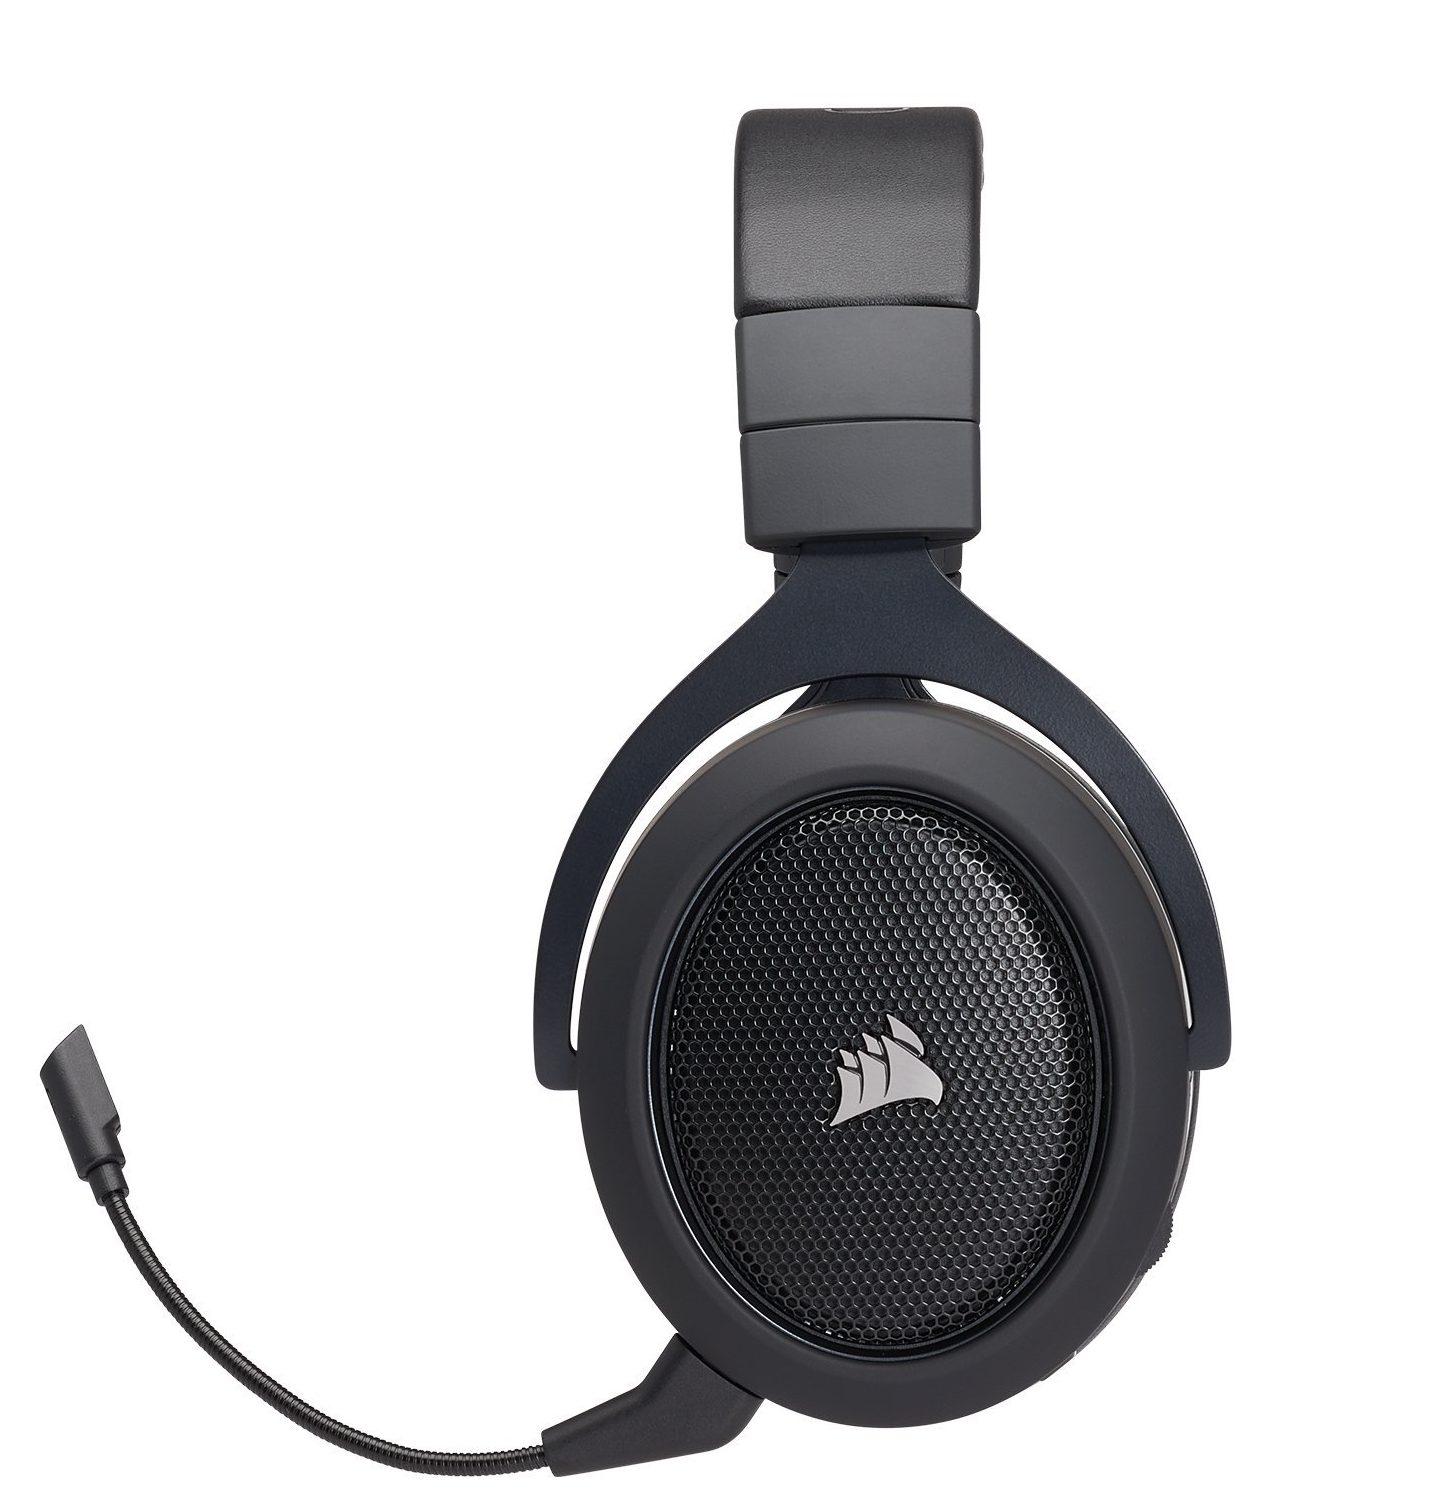 Tai nghe Gaming Corsair HS60 Surround 7.1 Yellow có thiết kế chắc chắn, gọn gàng